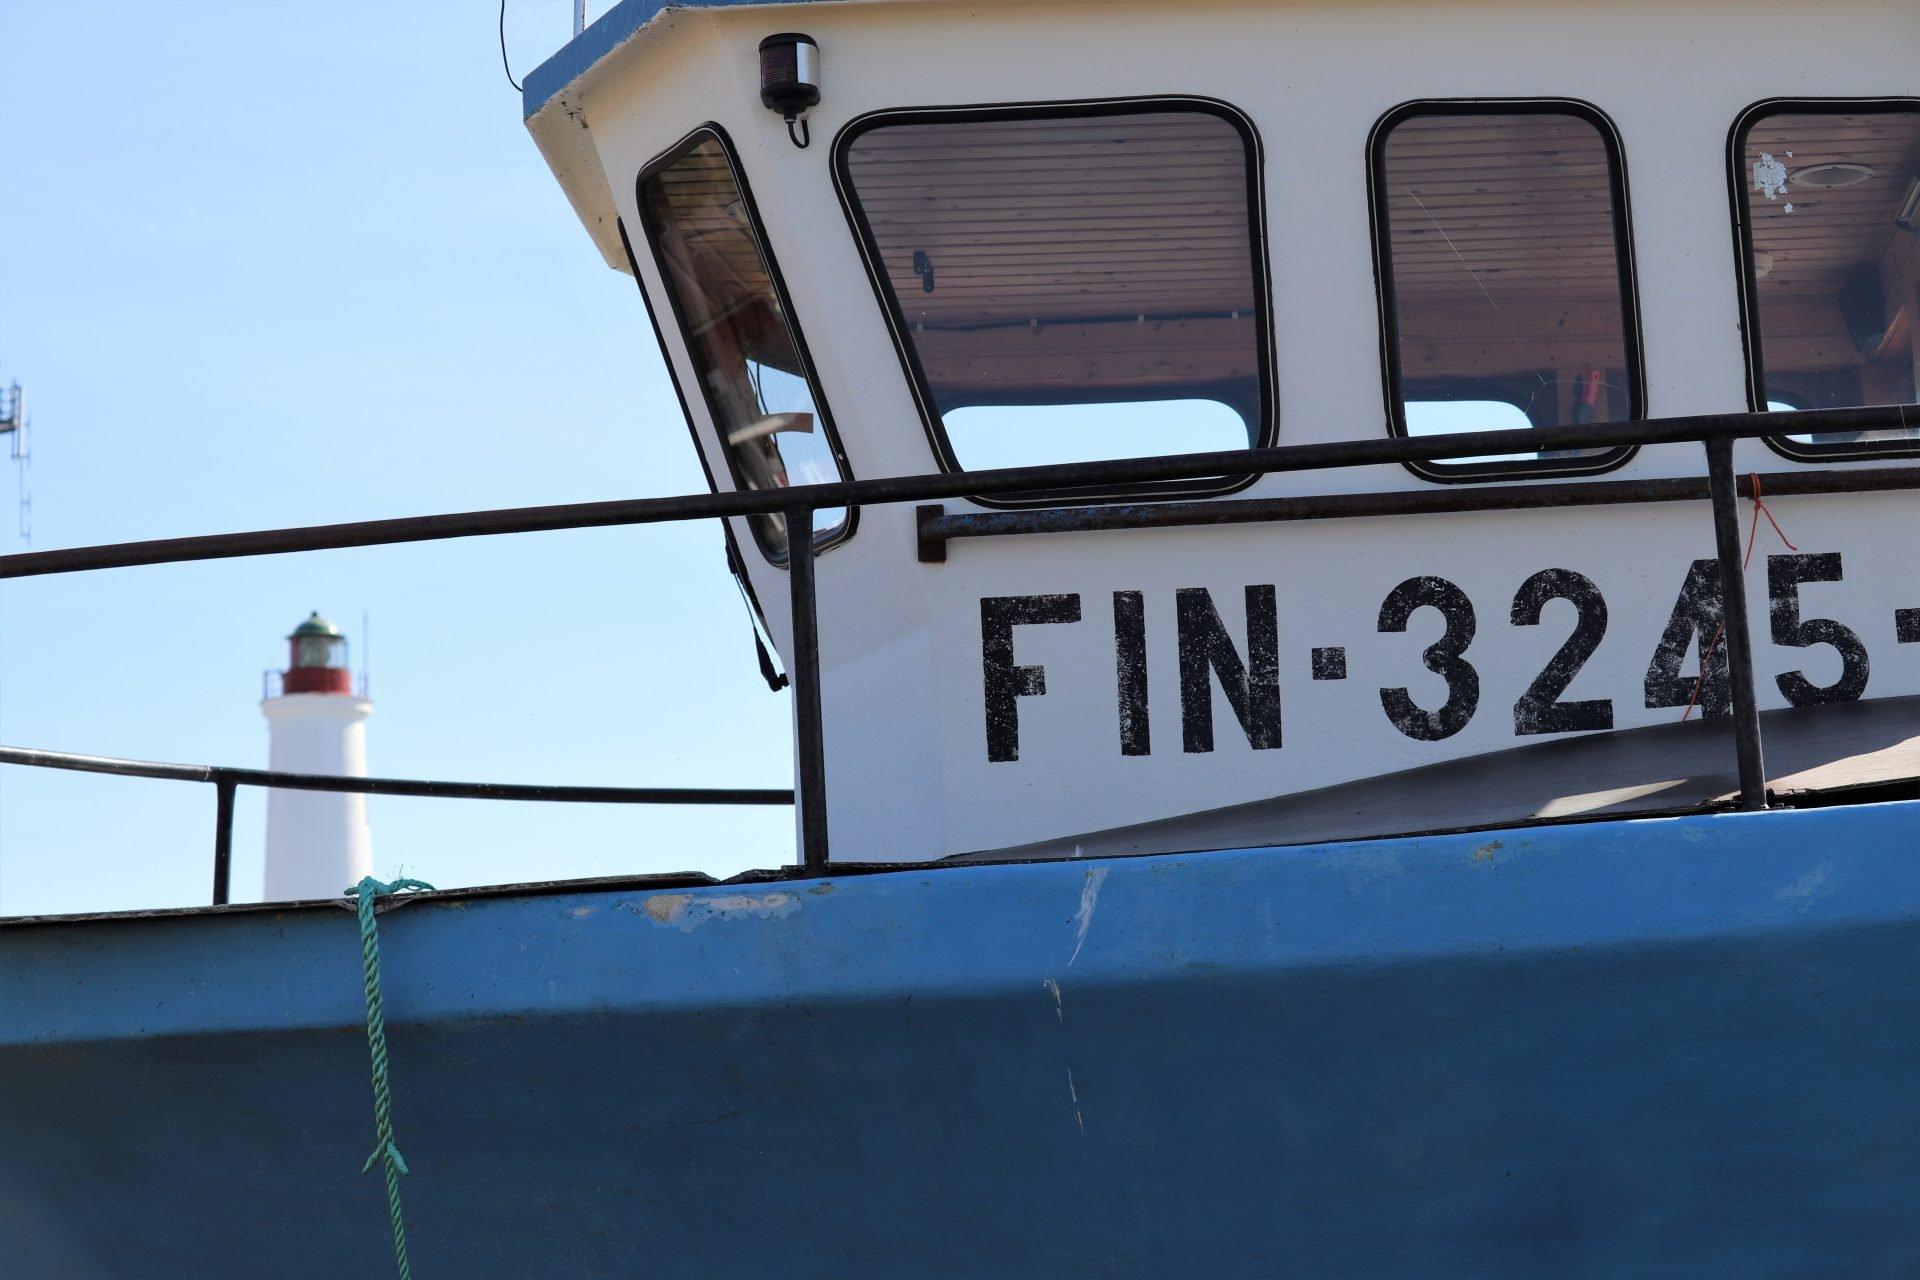 Hailuoto laiva vene kalastaja majakka